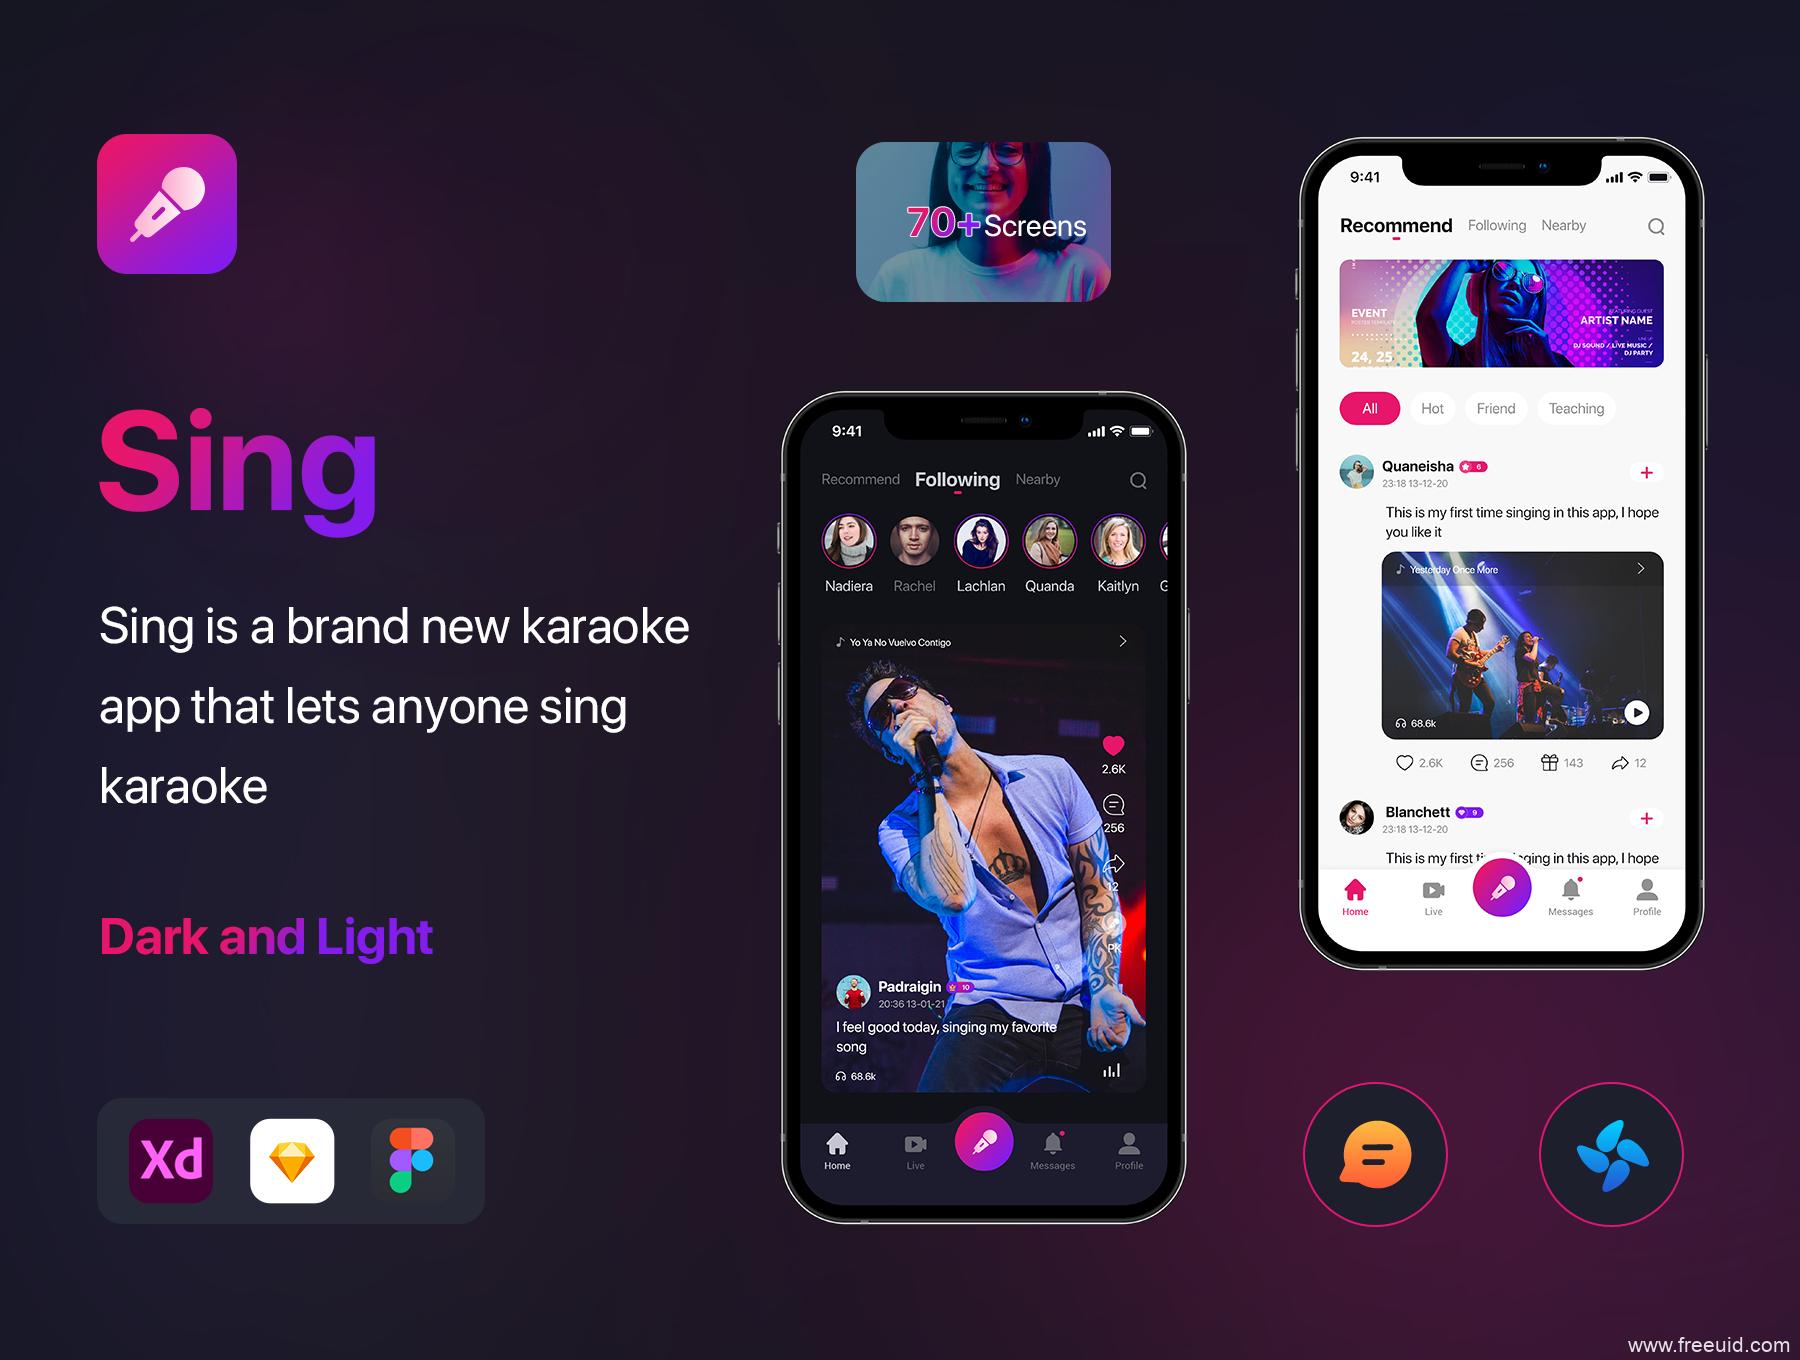 社交类K歌应用UI界面设计,短视频app UI源文件,K歌直播APP UI设计源文件